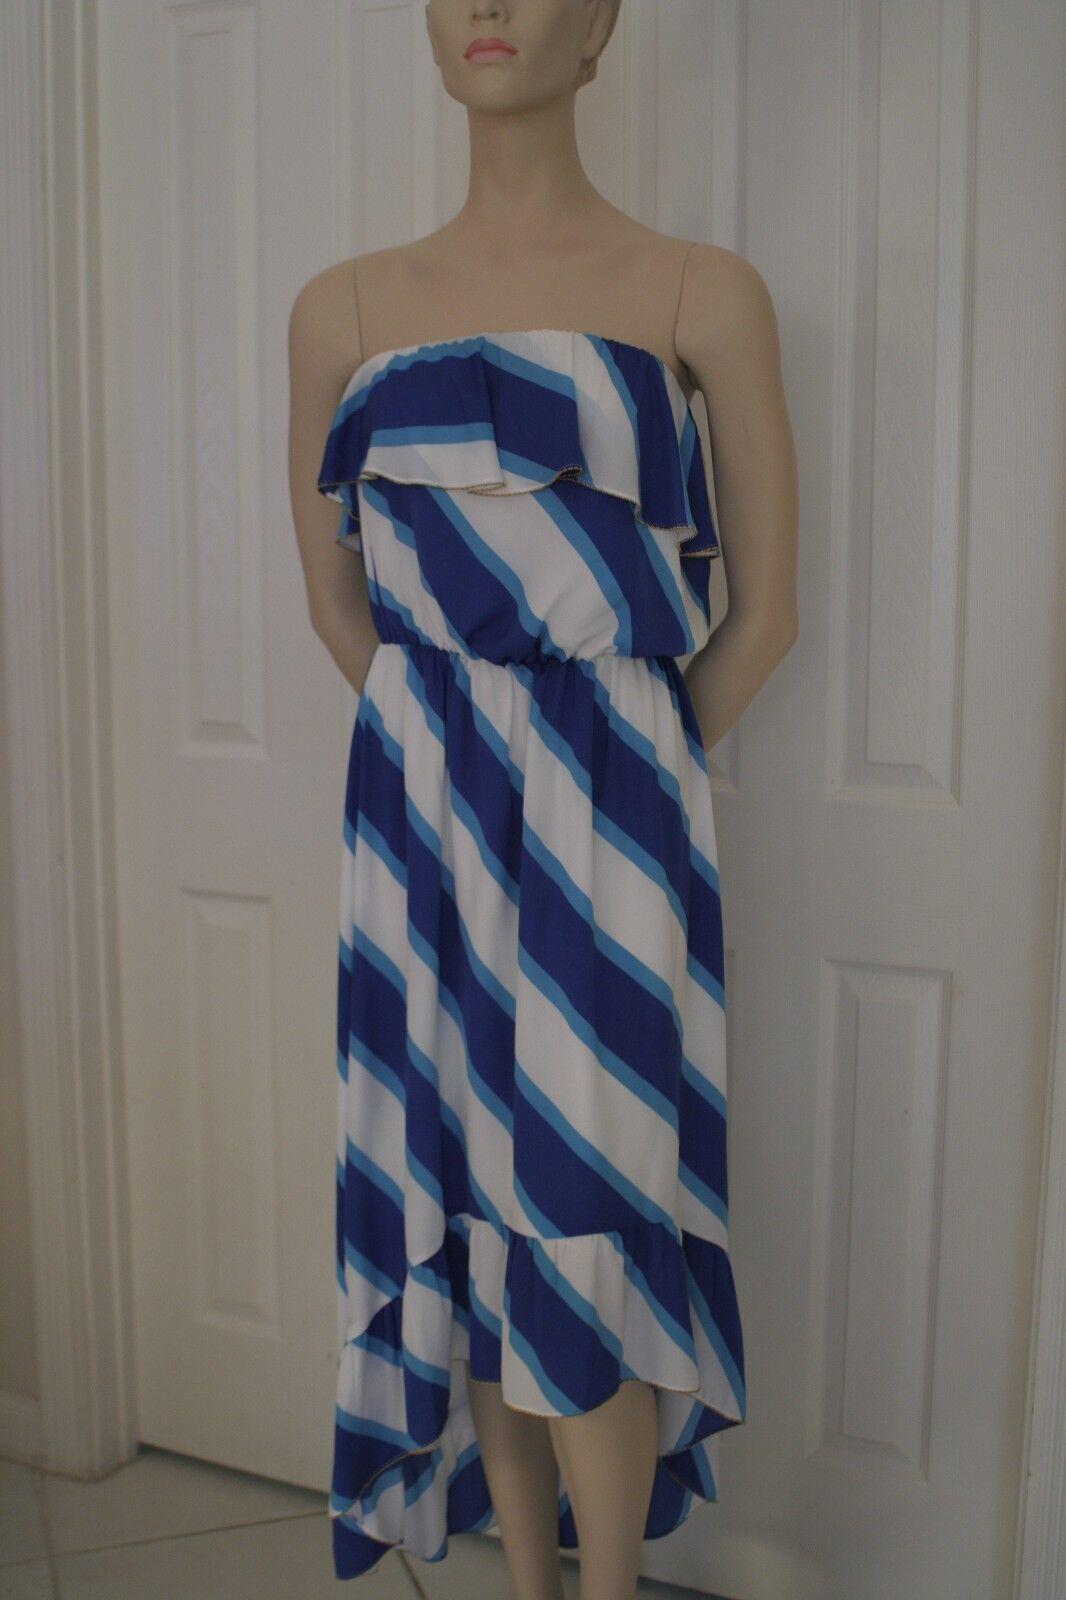 Lilly Pulitzer Pulitzer Pulitzer Womens Caldwell Dress Sail Stripe Size L NWT  278 1f4eb1